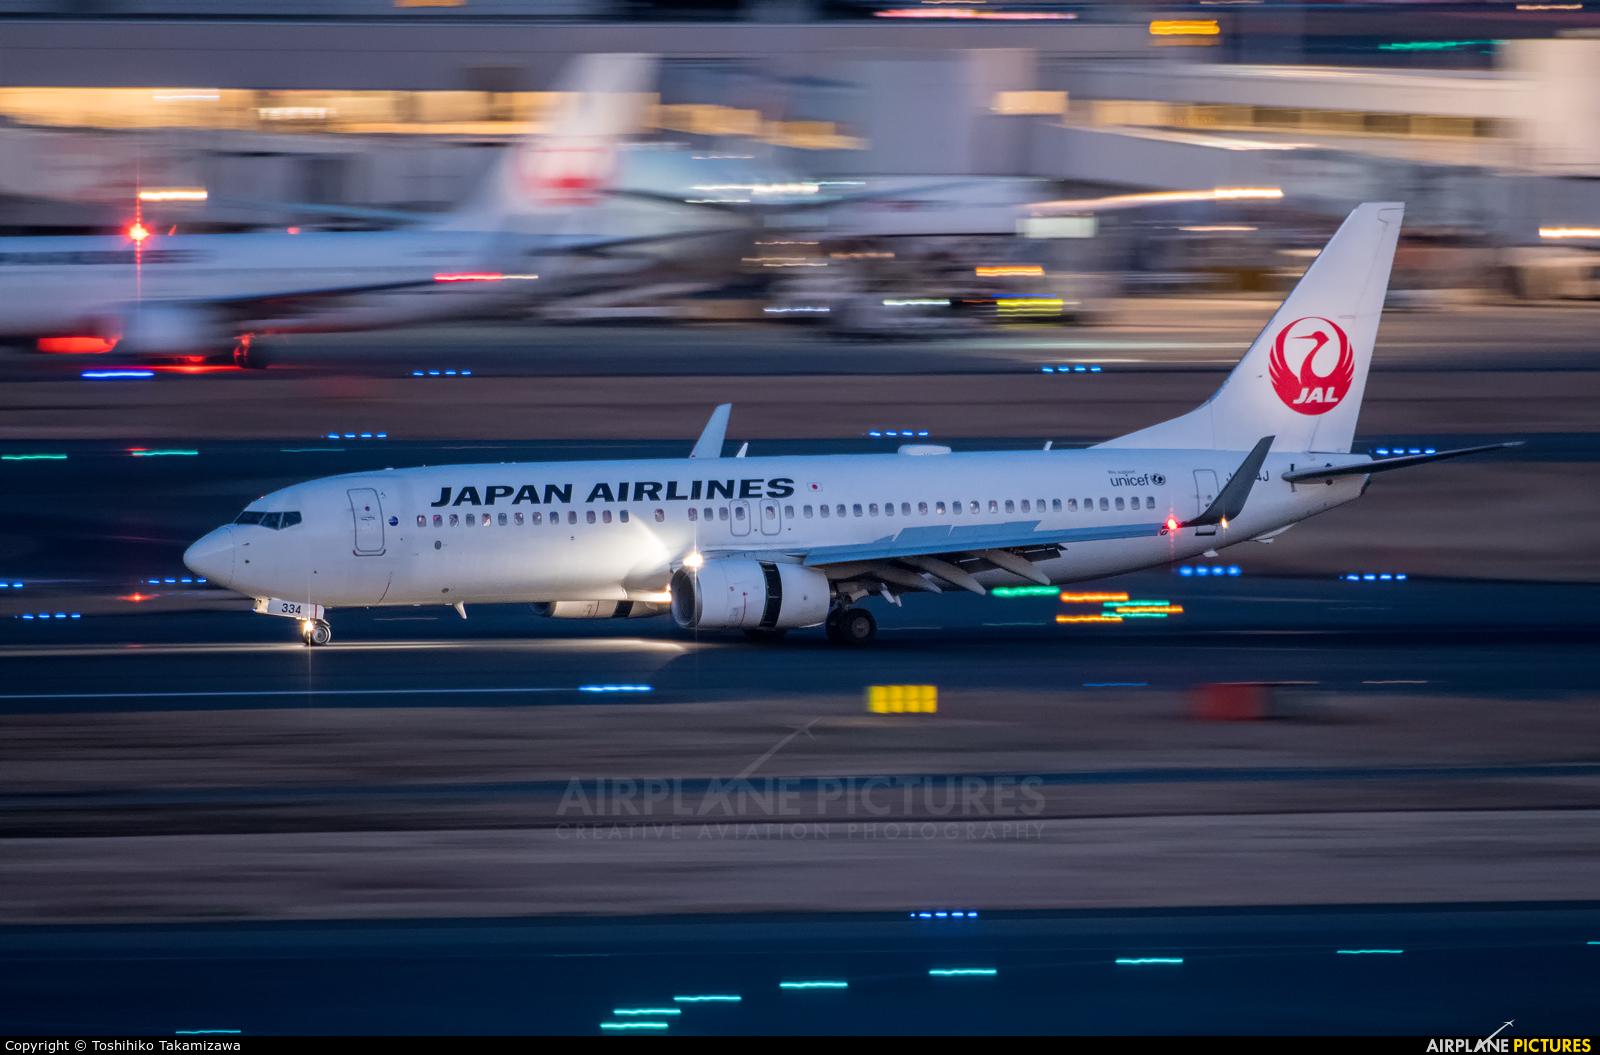 JAL - Japan Airlines JA334J aircraft at Tokyo - Haneda Intl